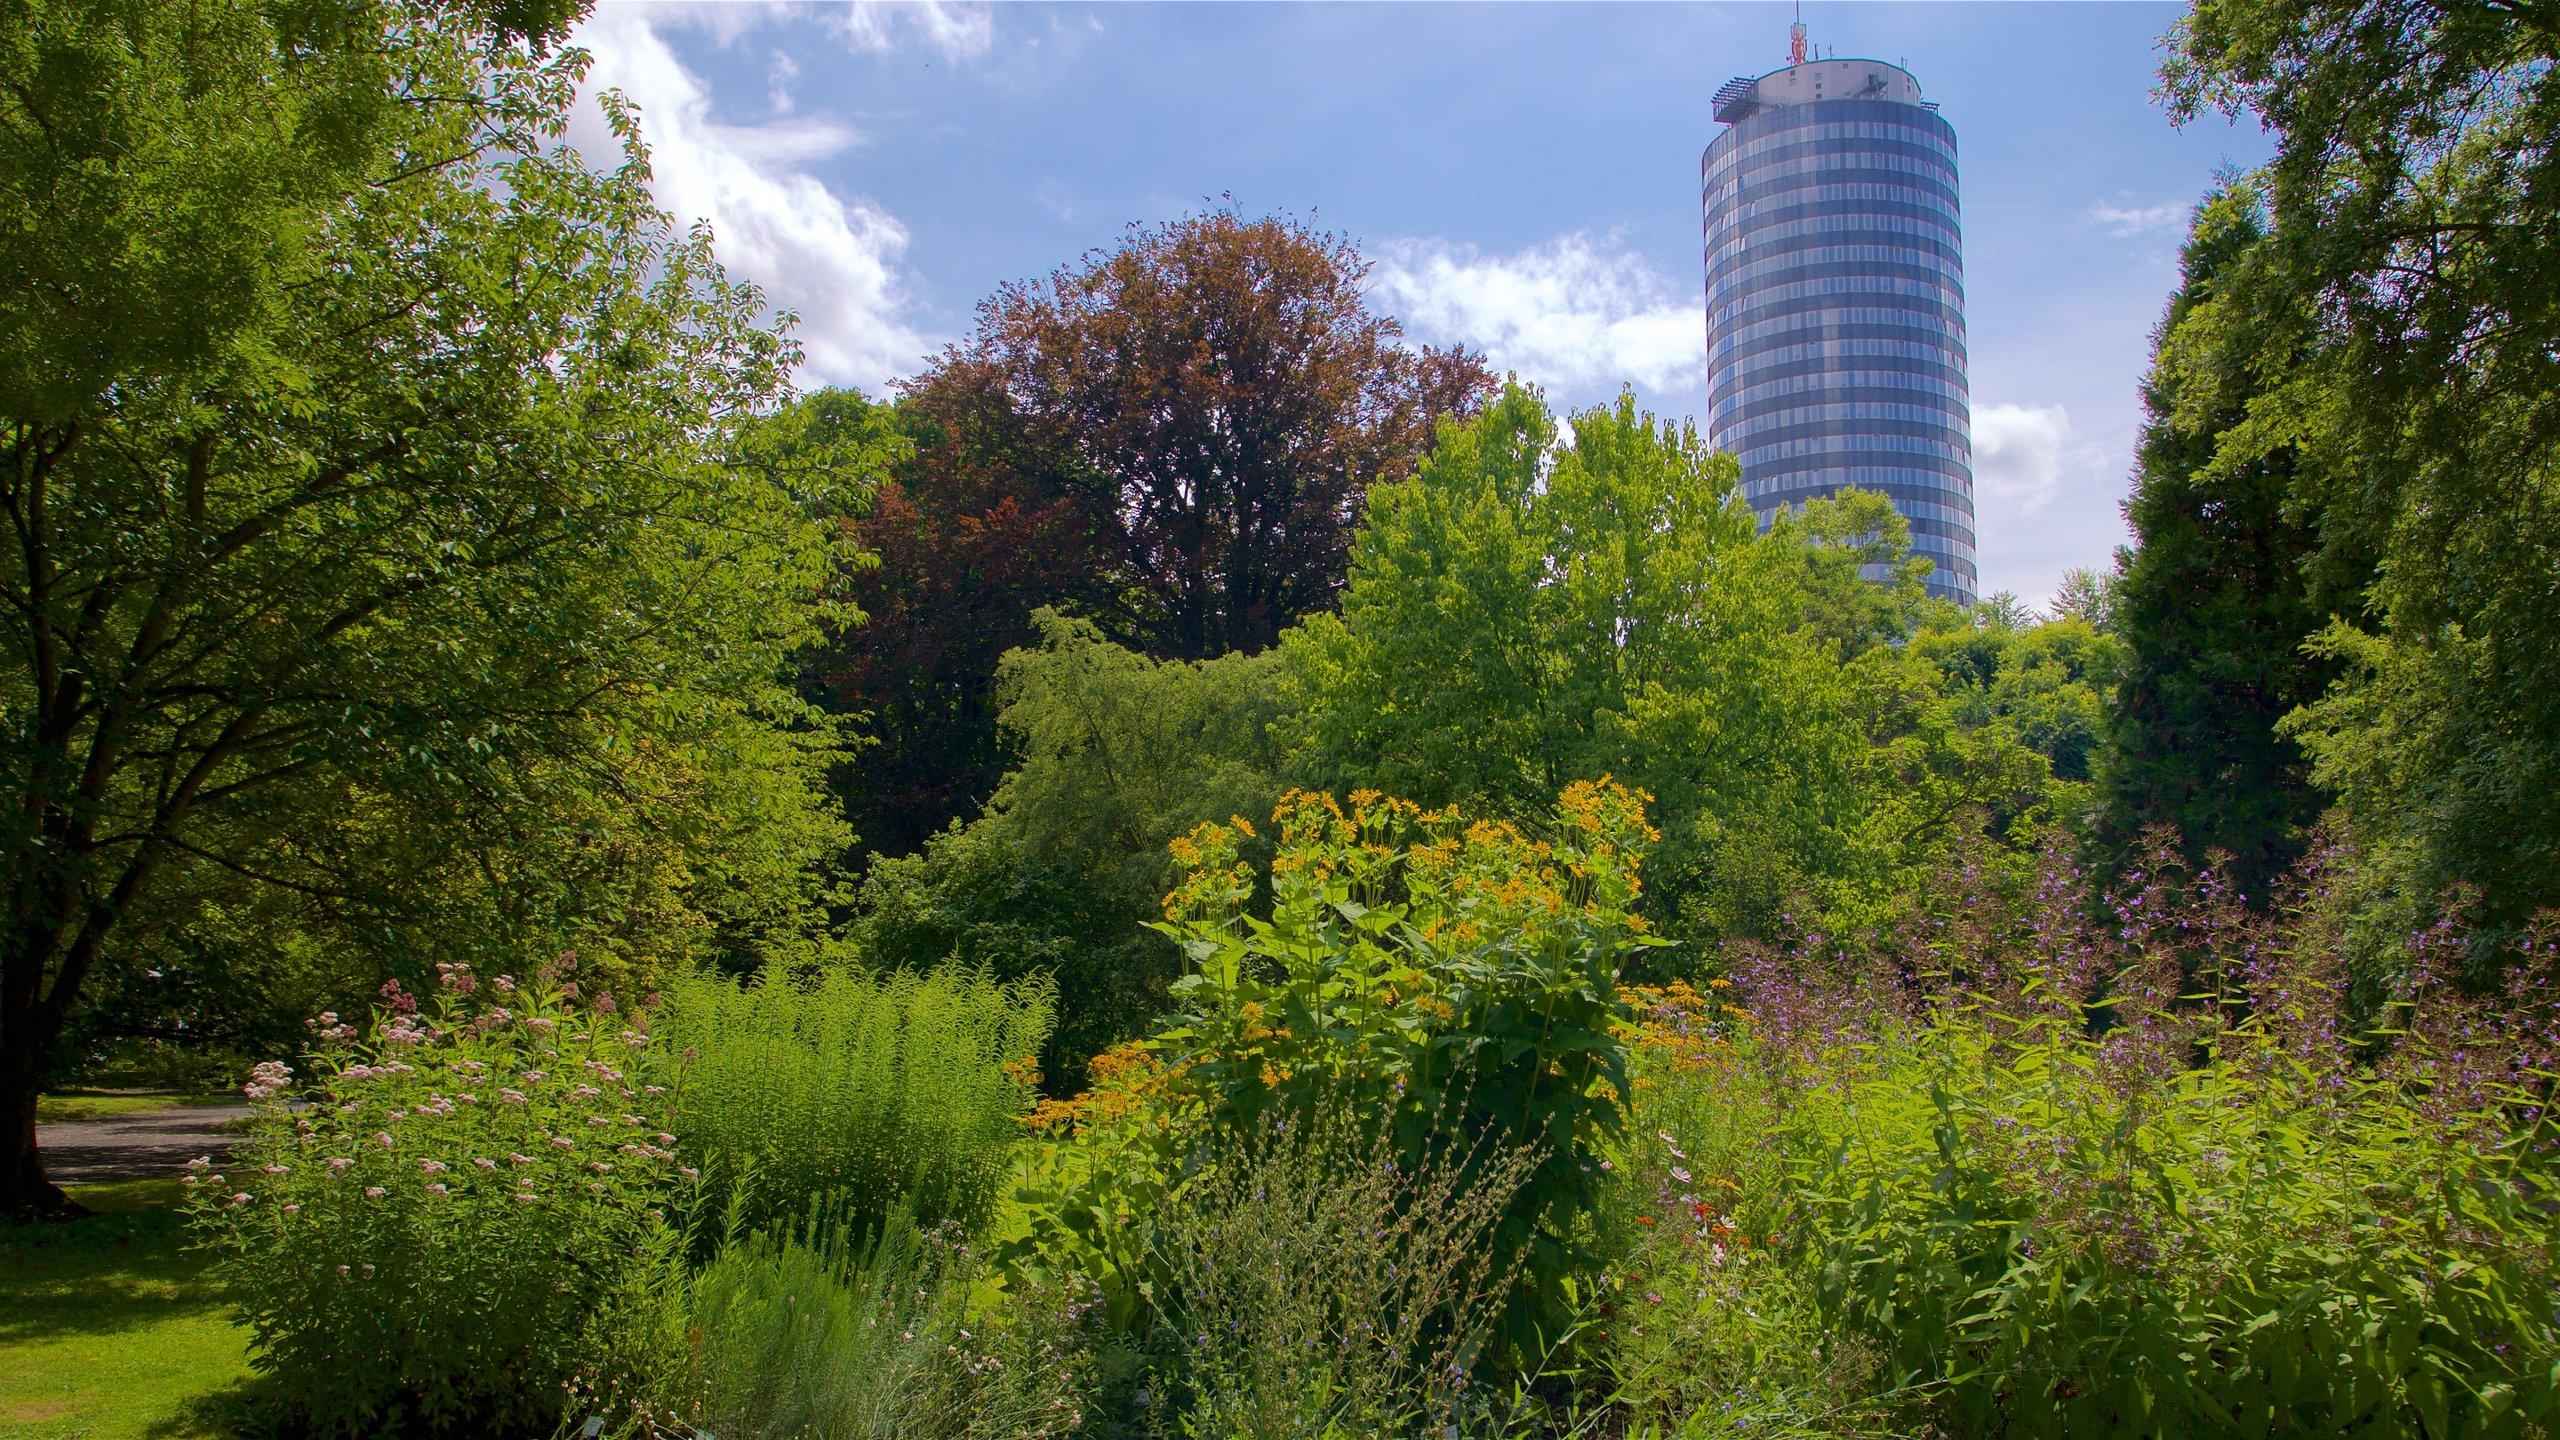 10 Best Hotels Closest To Botanischer Garten In Jena For 2019